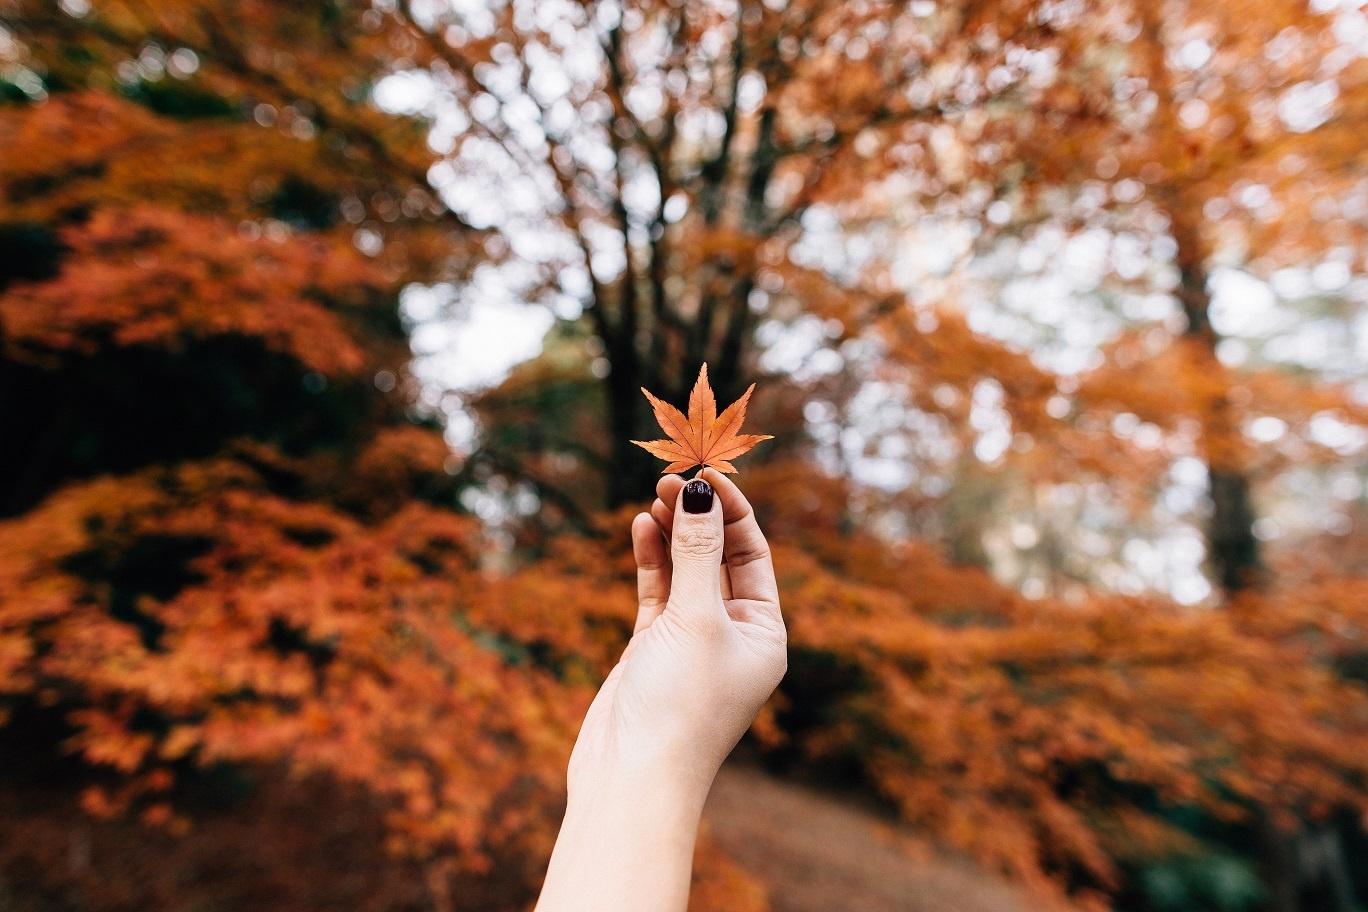 O jednoj jeseni